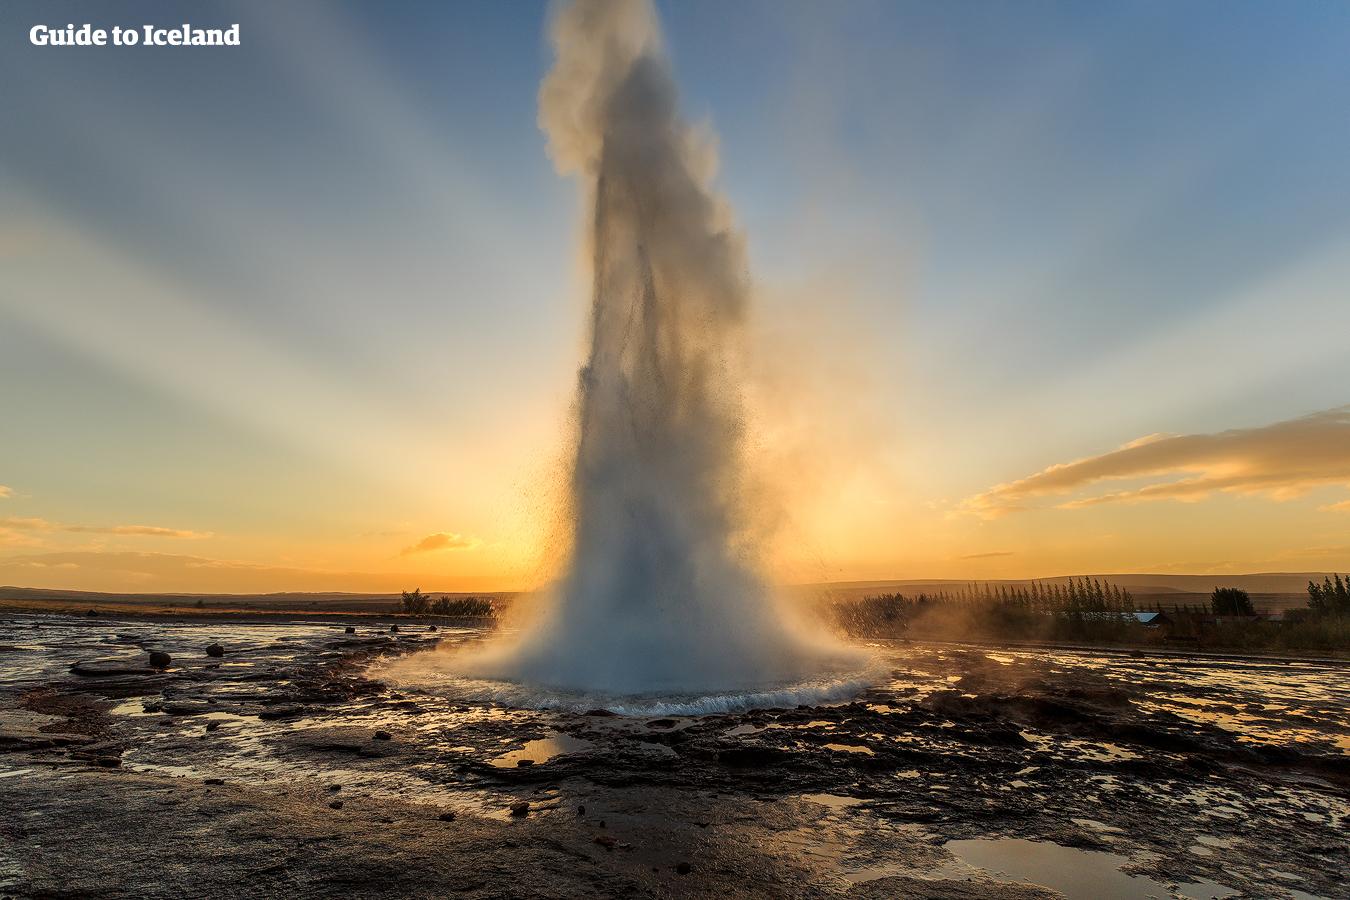 ประเทศไอซ์แลนด์ถูกแต่งแต้มด้วยจุดความร้อนของภูเขาไฟ และที่มีชื่อเสียงที่สุด ได้แก่ บริเวณพลังงานใต้พิภพไกเซอร์